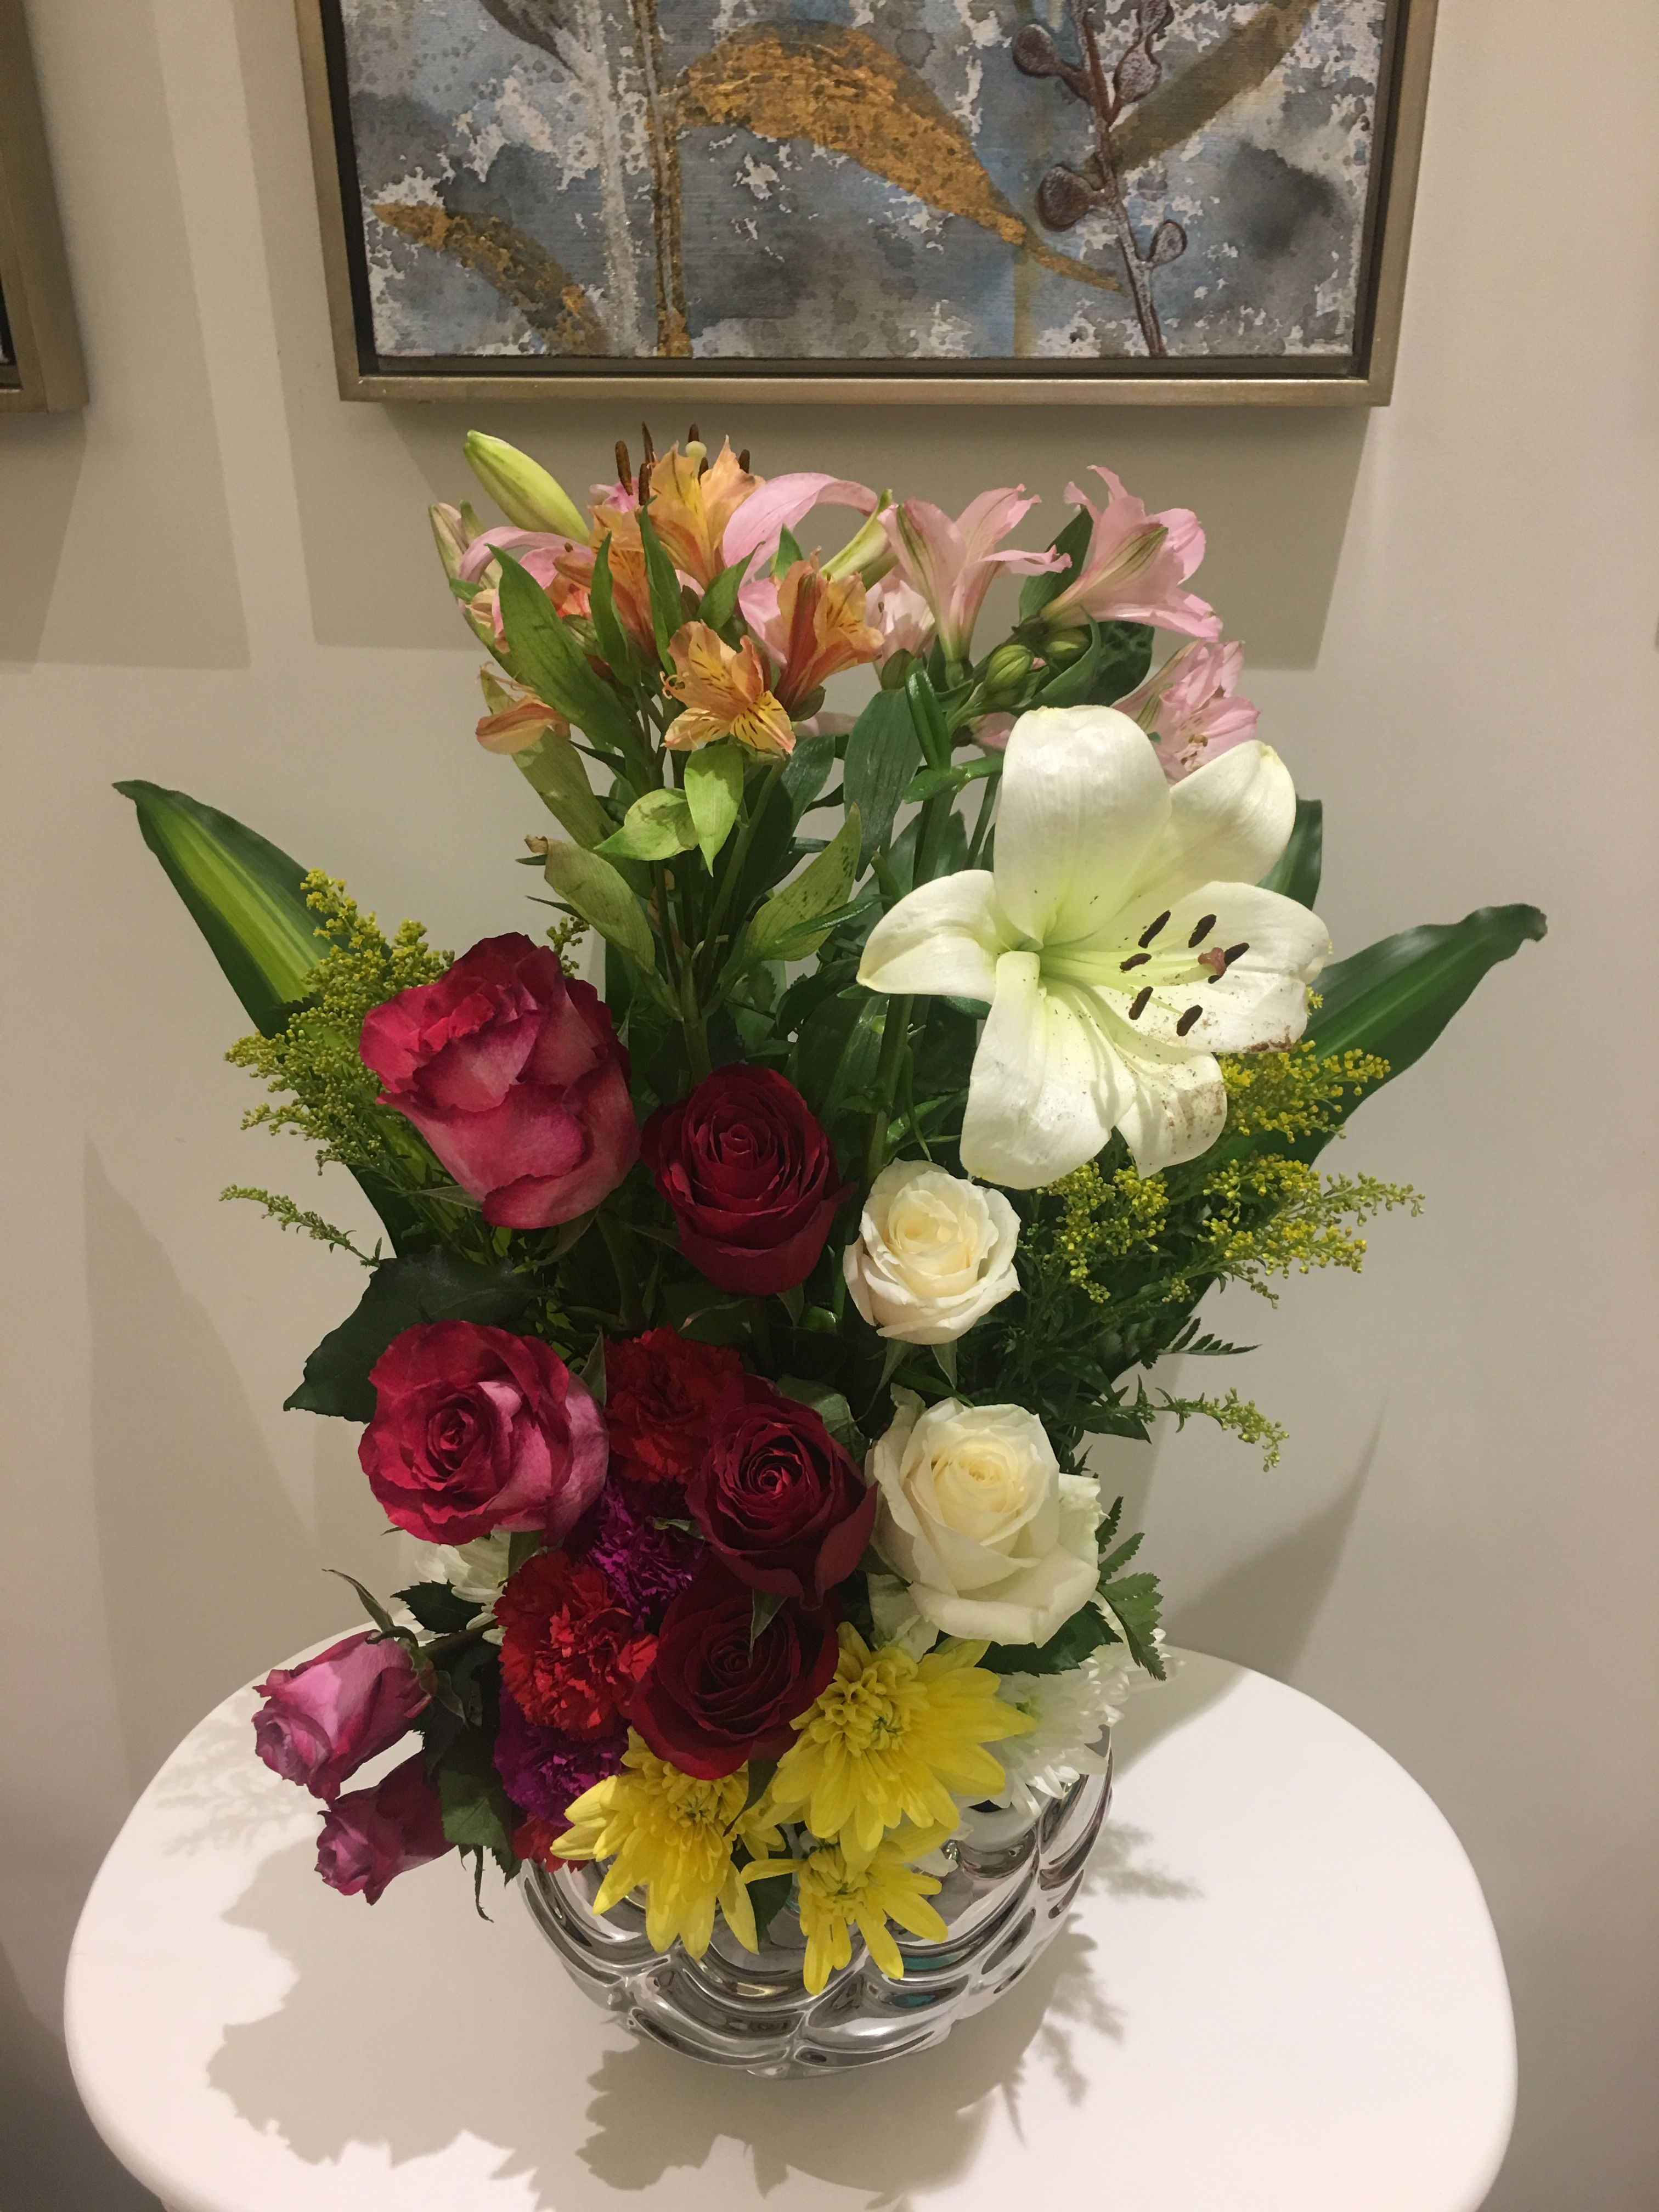 Dailyroses ورد ورد صناعي ورد طبيعي بوكيه ورد فازات فازات ورد تنسيق ورد خشبيات بالونات با Wedding Backdrop Design Unique Baby Shower Backdrop Design